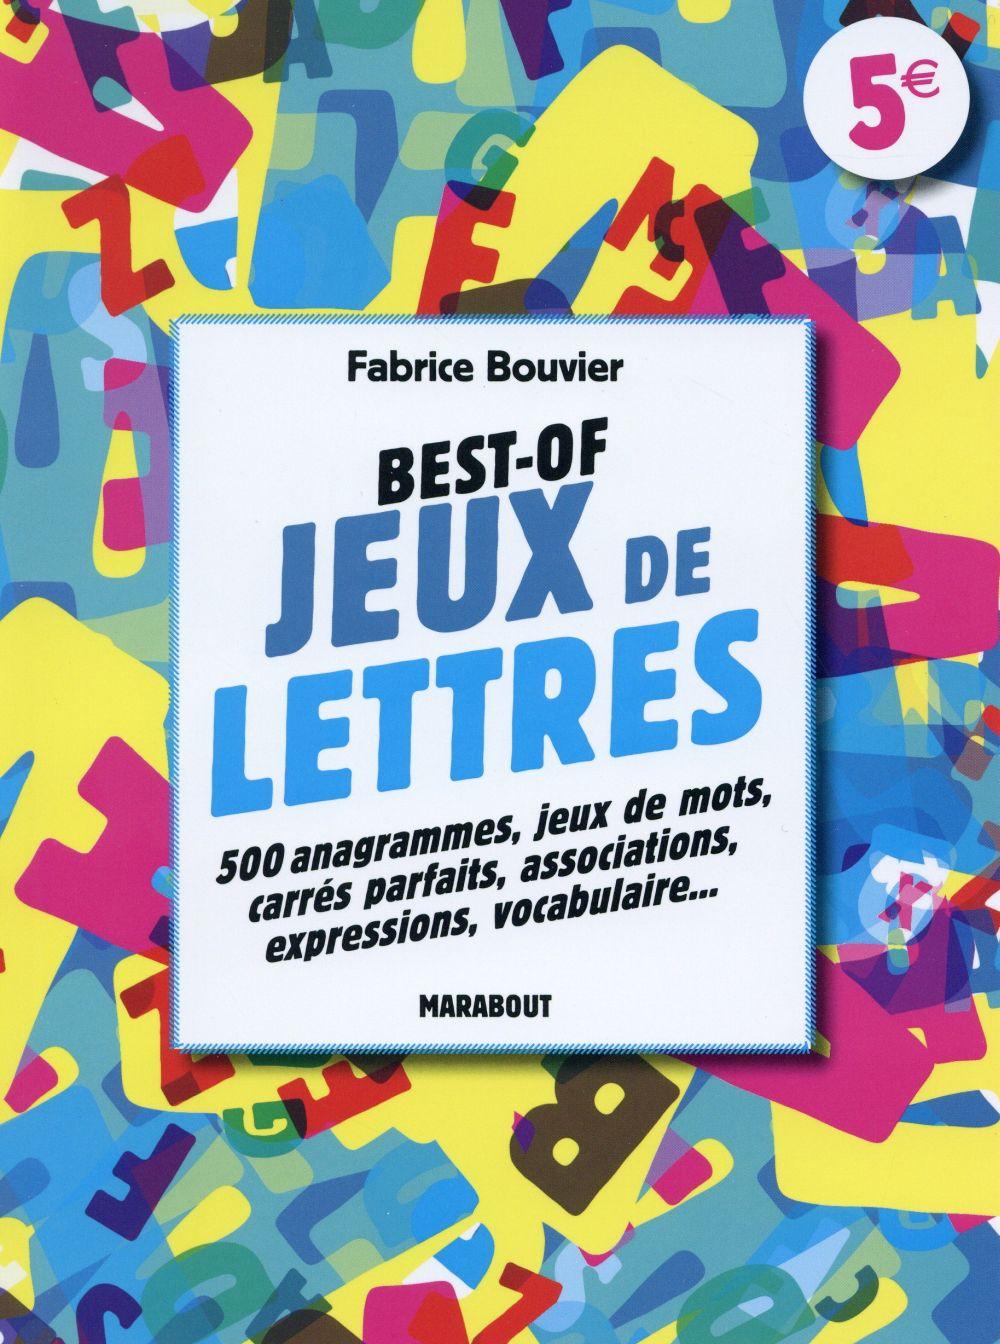 Jeux De Lettres - Fabrice Bouvier - Marabout - Grand Format - Montbarbon  Bourg En Bresse dedans Jeux Anagramme Gratuit A Telecharger